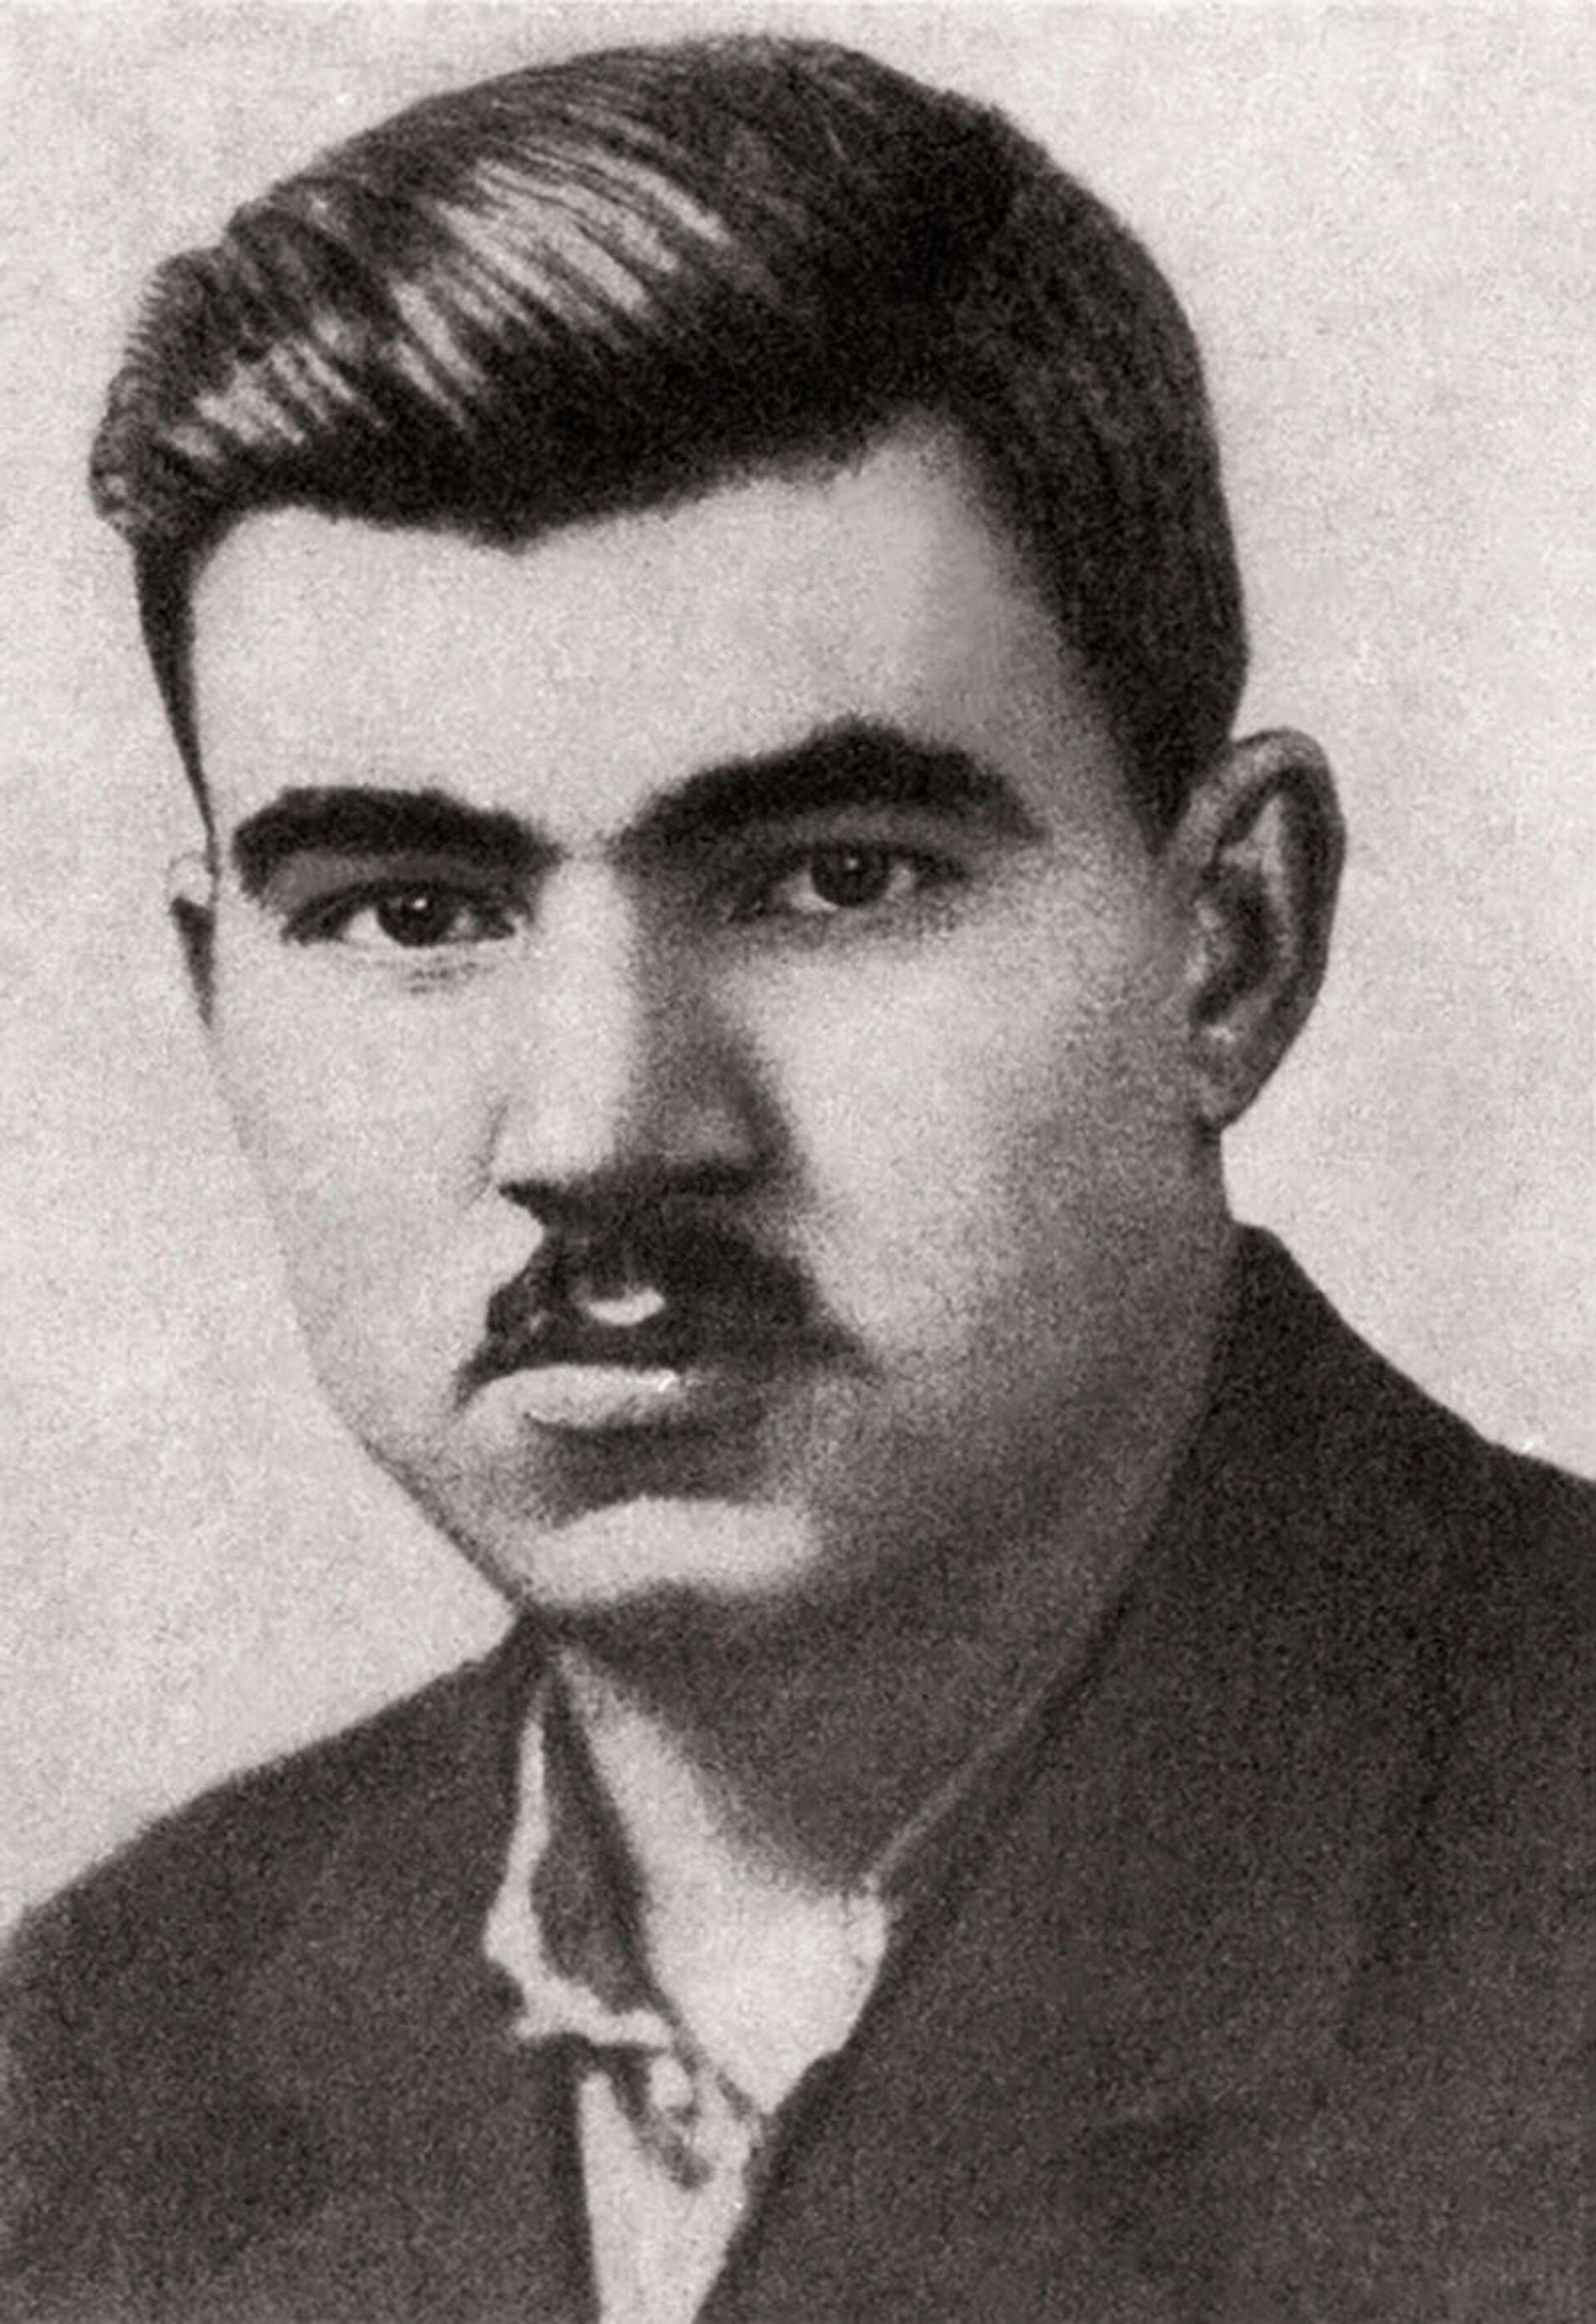 Как азербайджанец стал народным героем Югославии - Sputnik Азербайджан, 1920, 07.02.2021